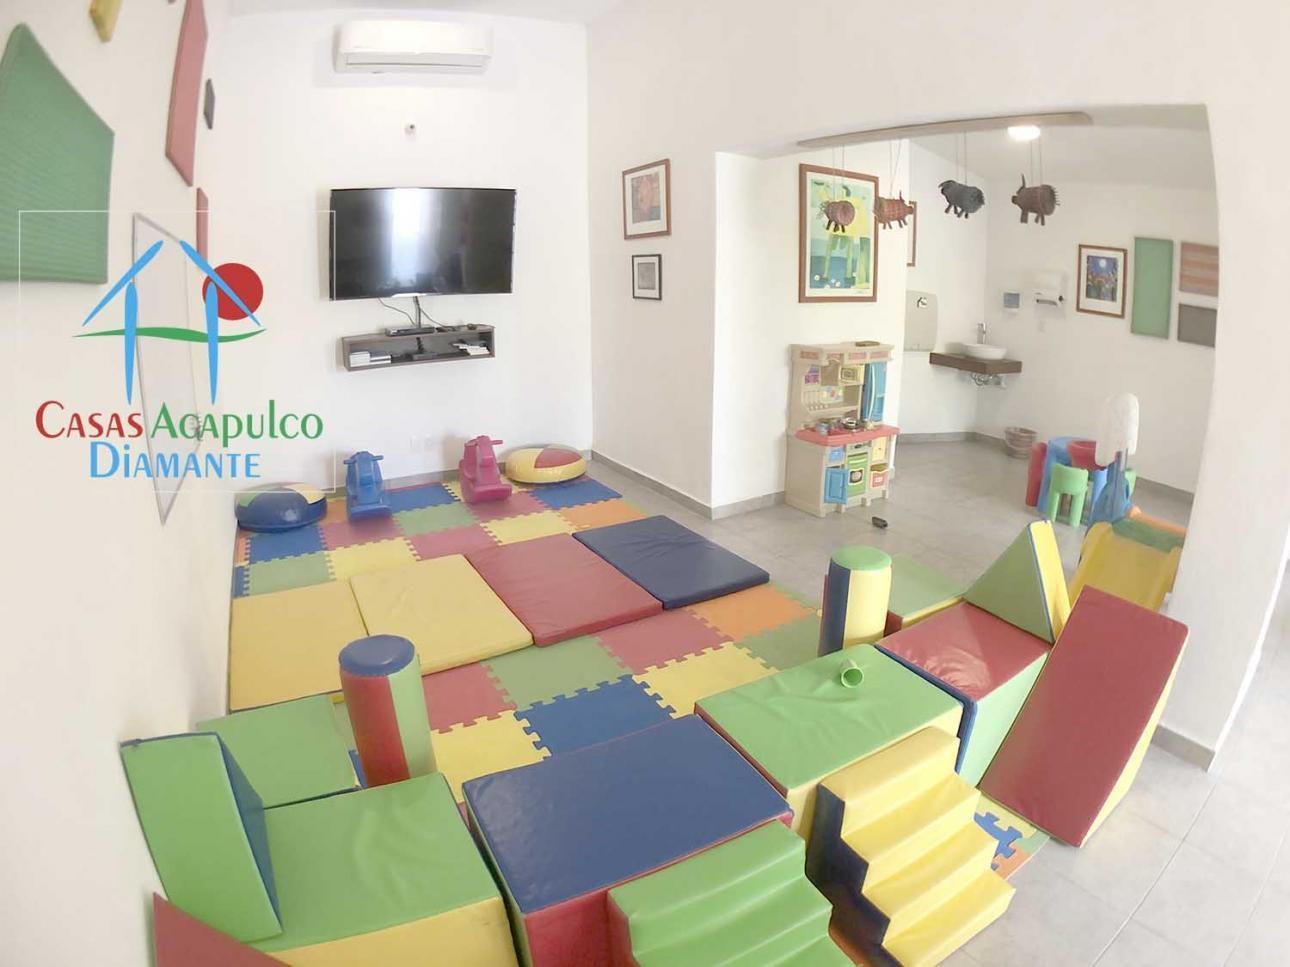 Casas Acapulco Diamante, Venta de Casa en Fraccionamiento Joyas de Brisamar   Acapulco